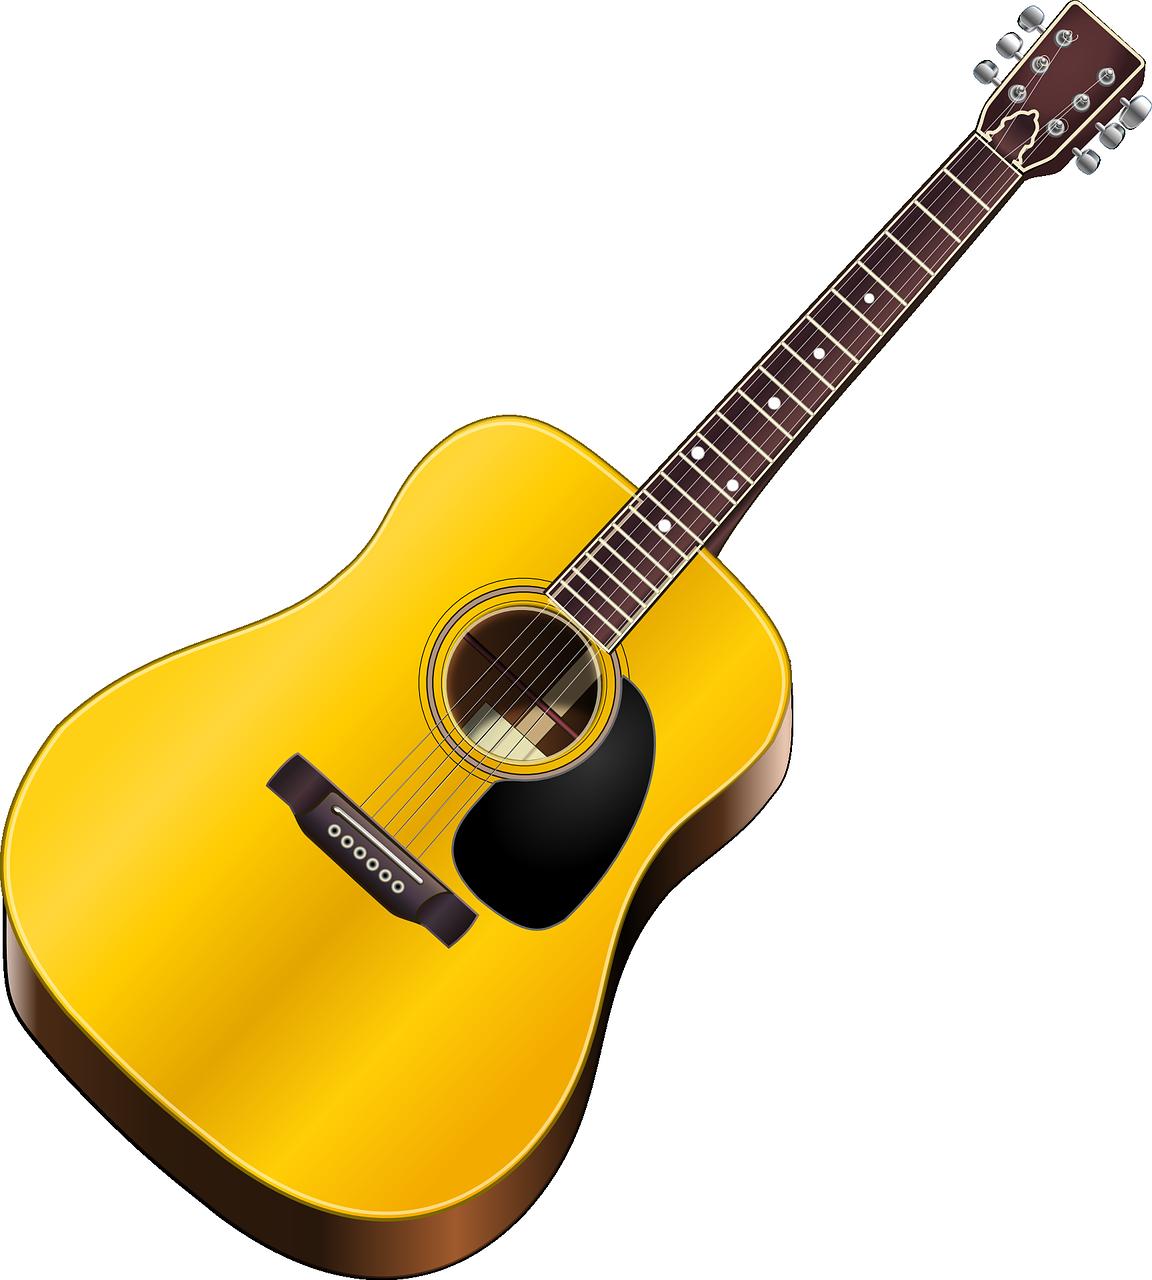 המדריך המלא ללימוד גיטרה